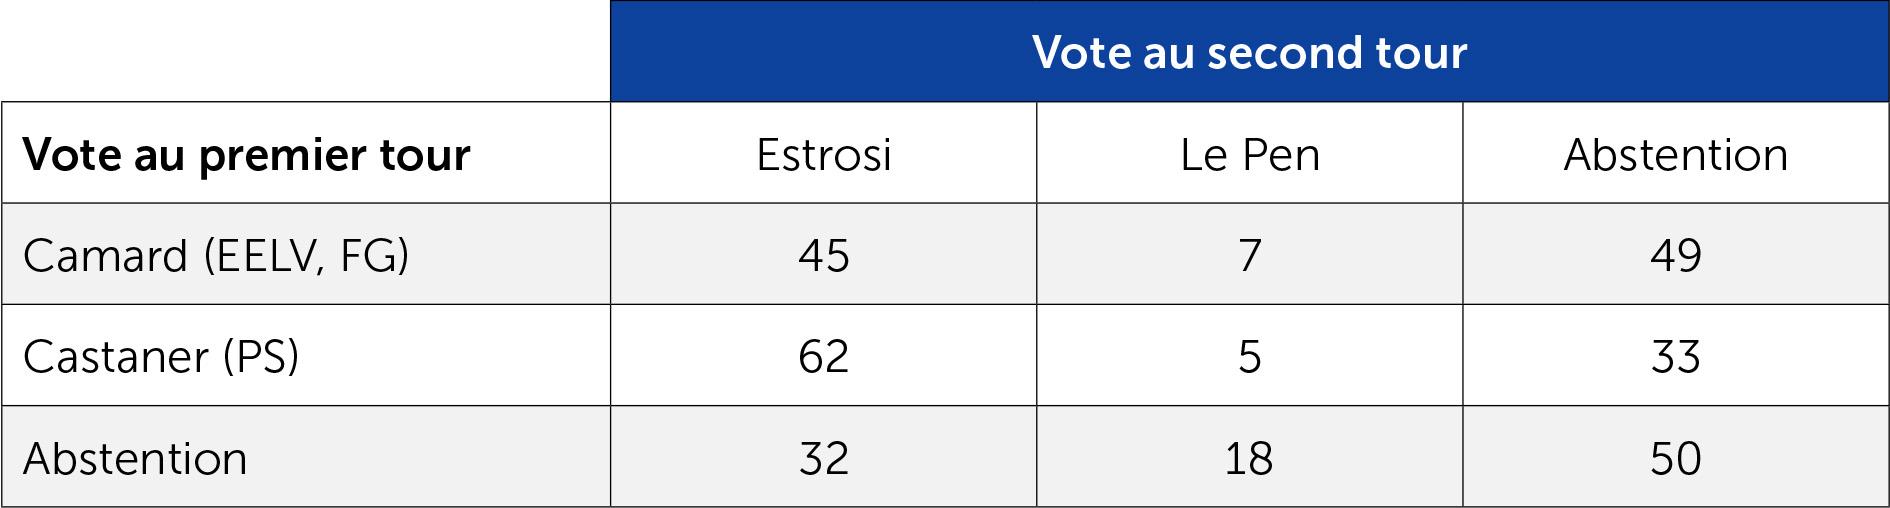 Reports de voix aux élections régionales en PACA